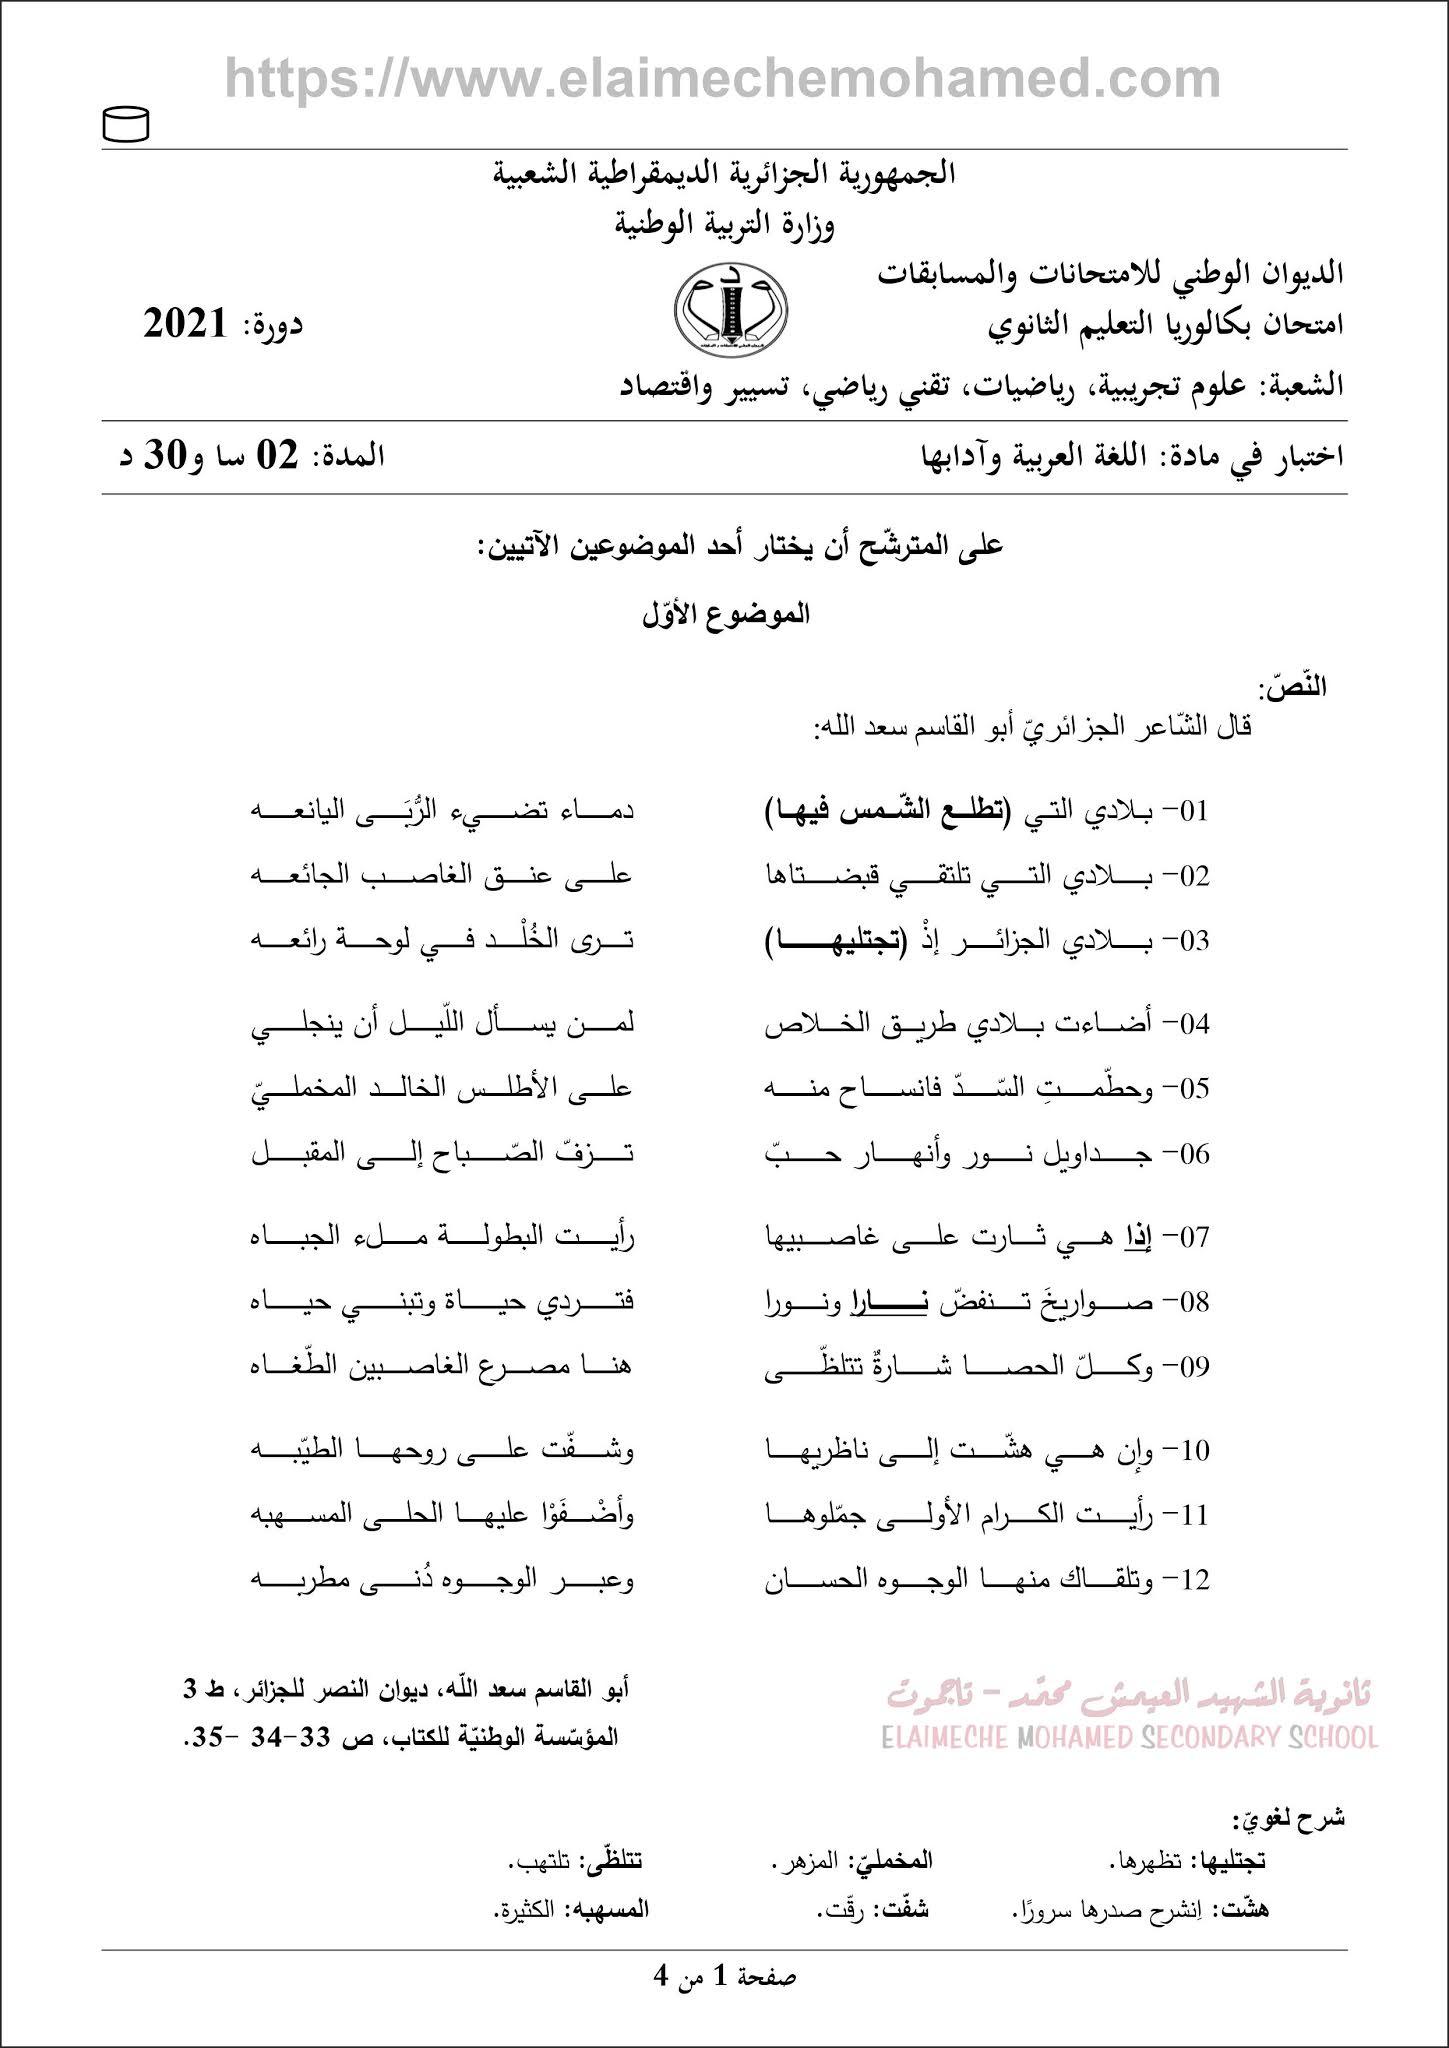 امتحان مادة اللغة العربية